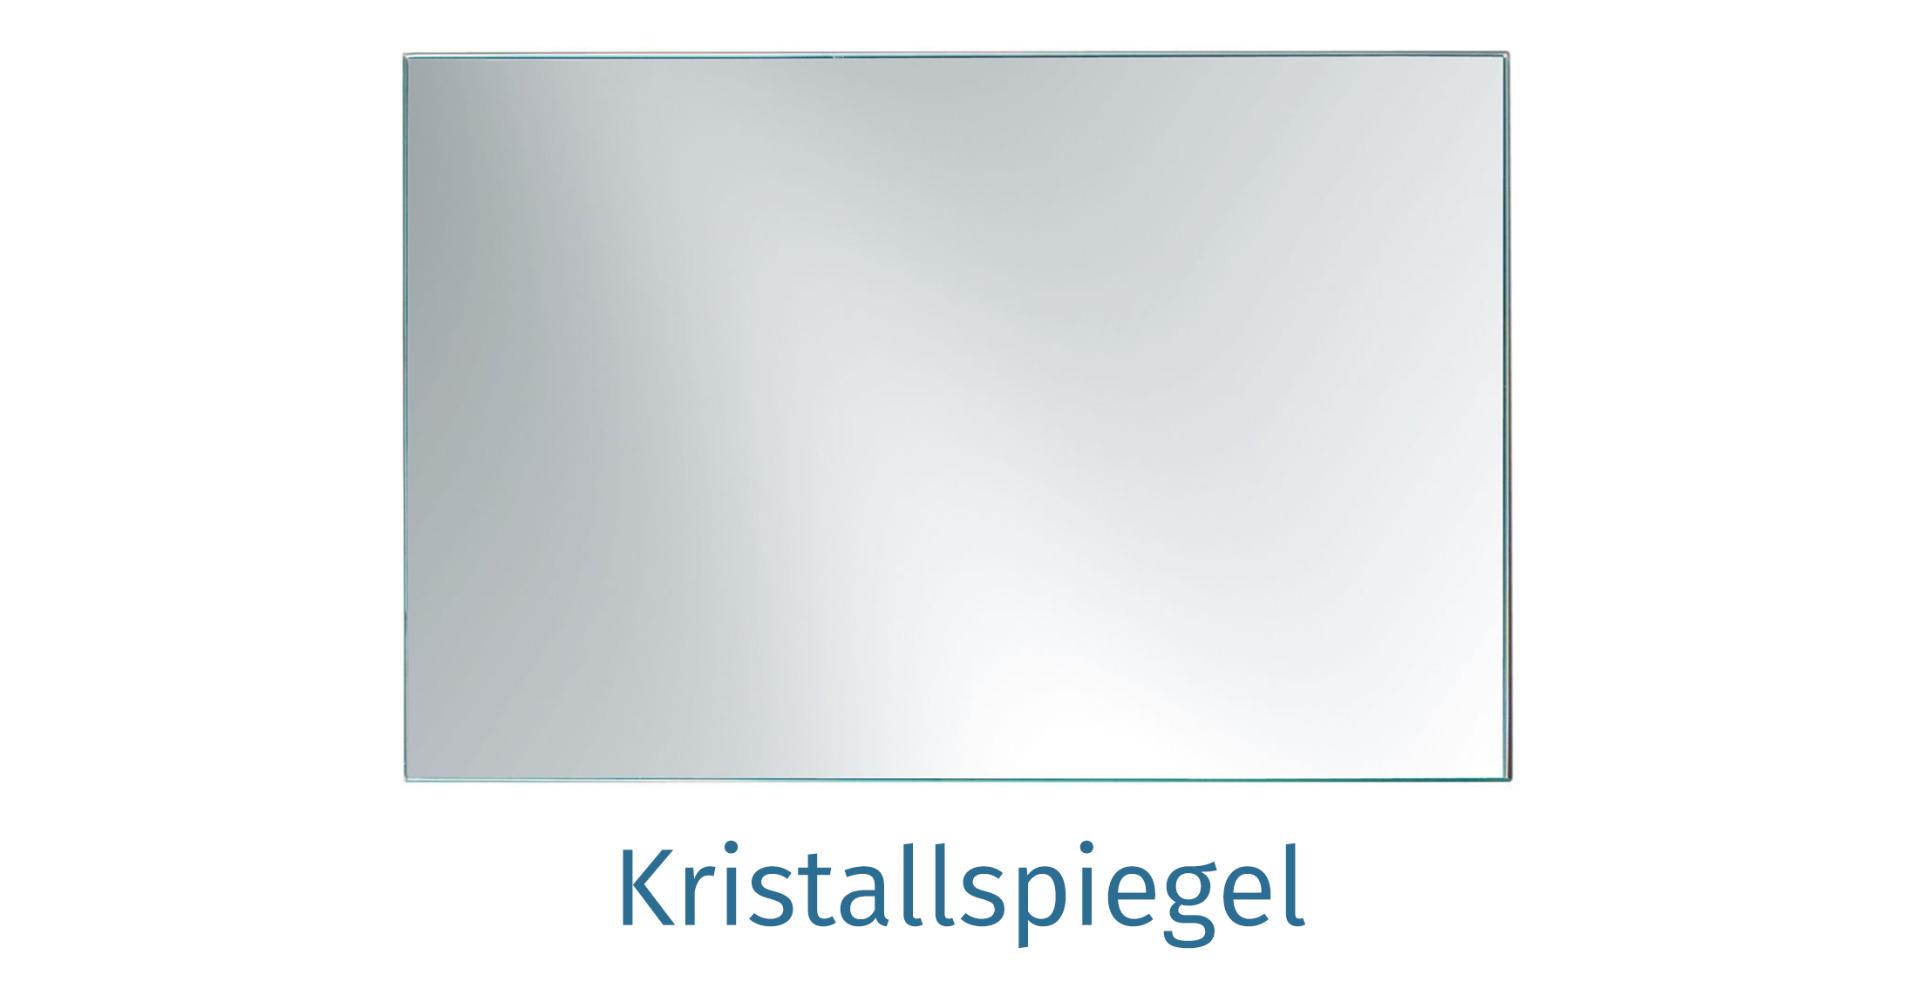 Kristallspiegel